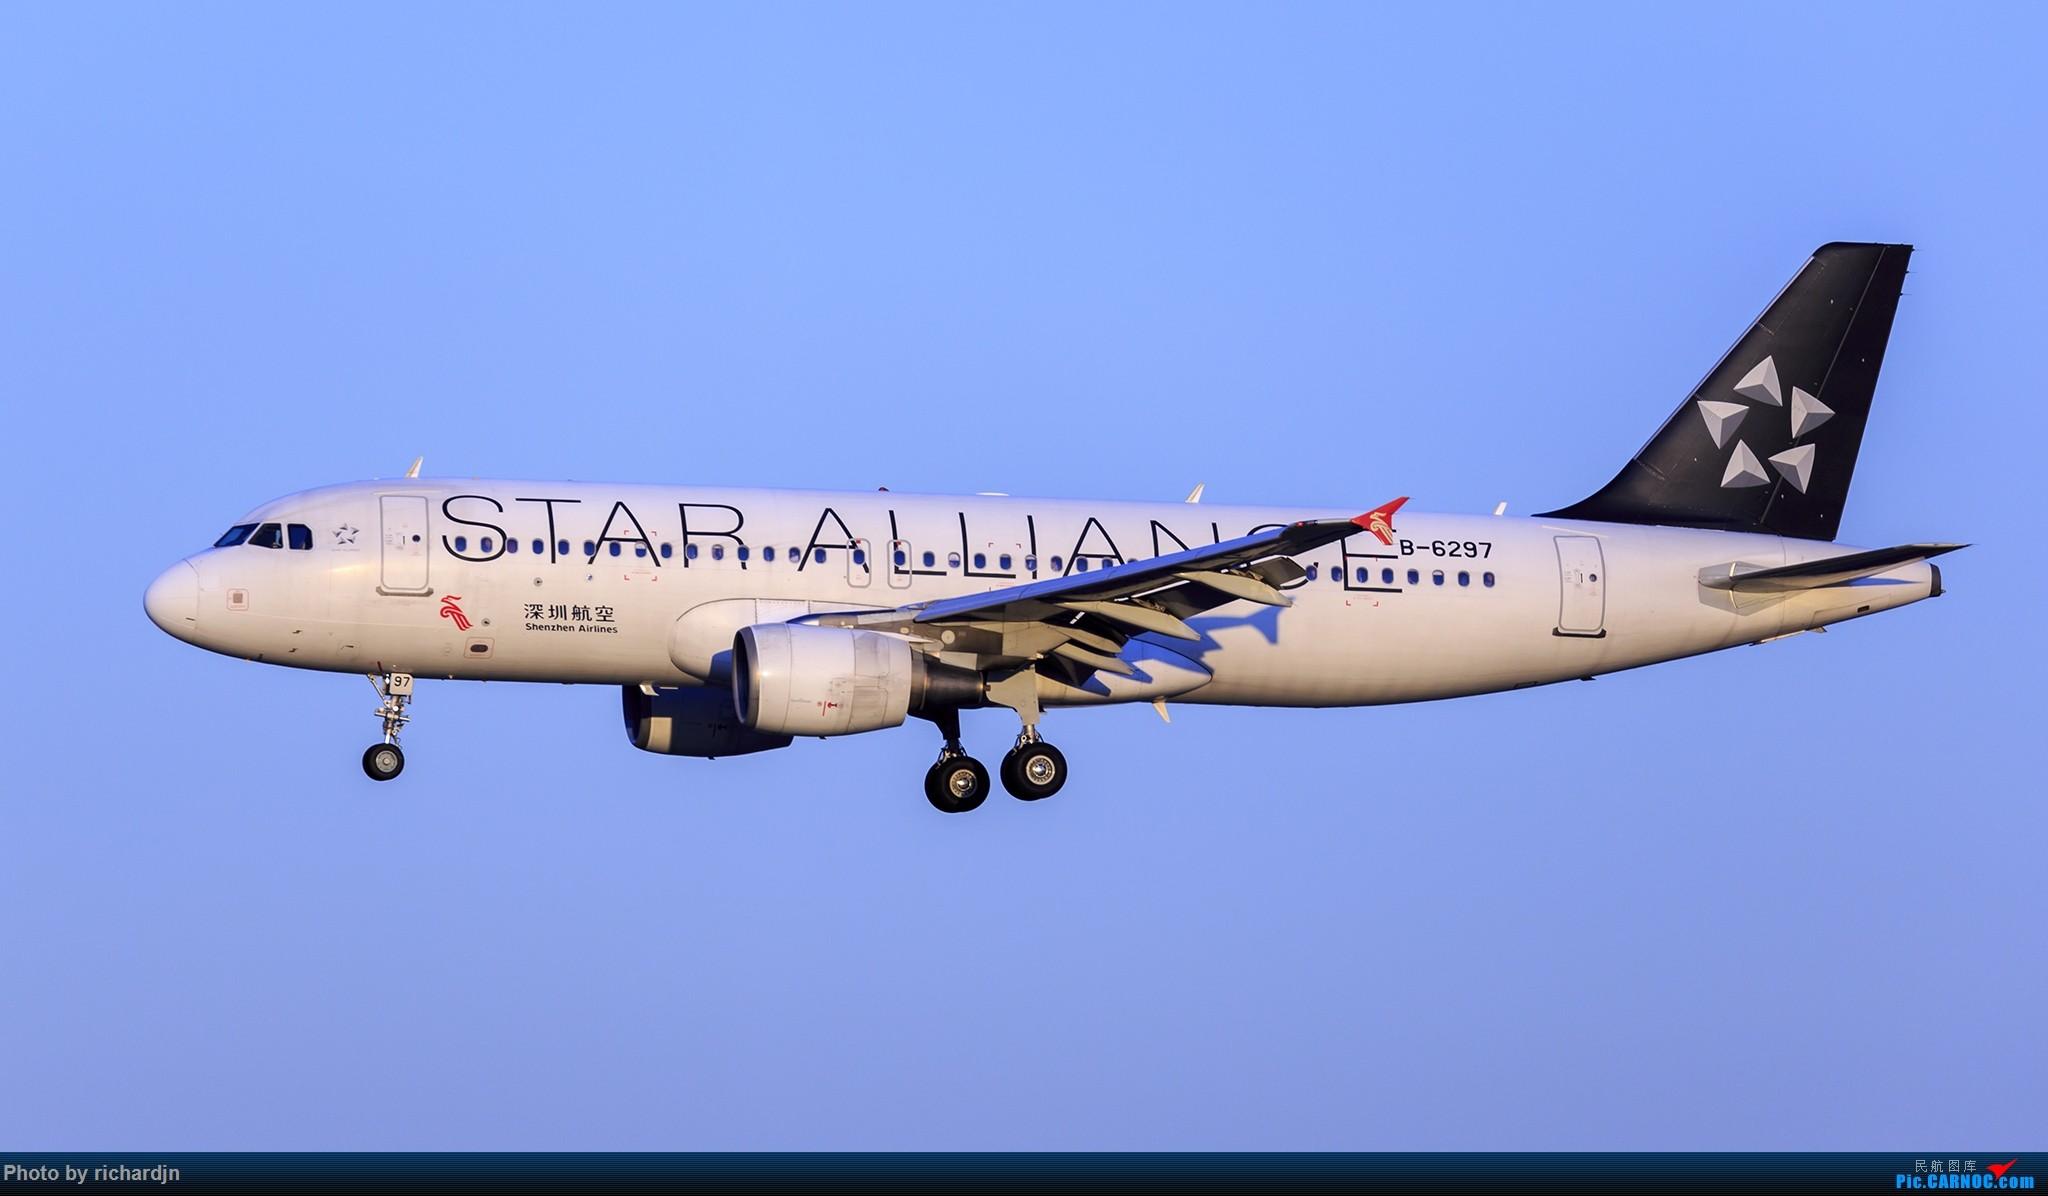 Re:[原创]2018年10月1日ZBAA撸机 AIRBUS A320-200 B-6297 中国北京首都国际机场